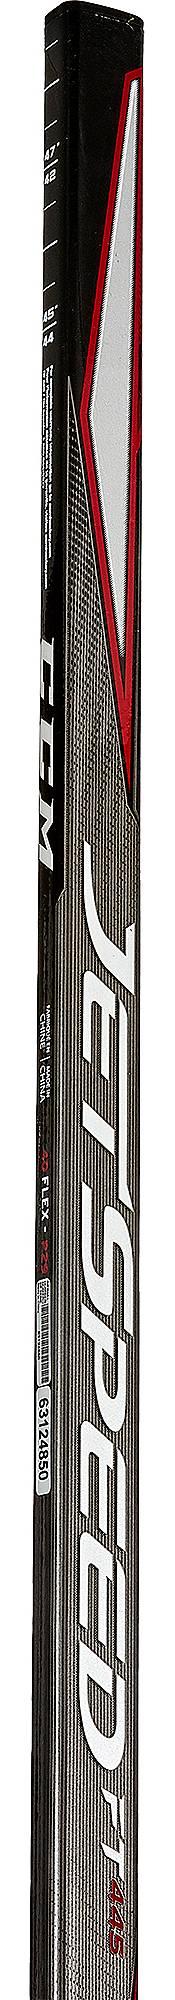 CCM Junior Jetspeed FT445 Ice Hockey Stick product image